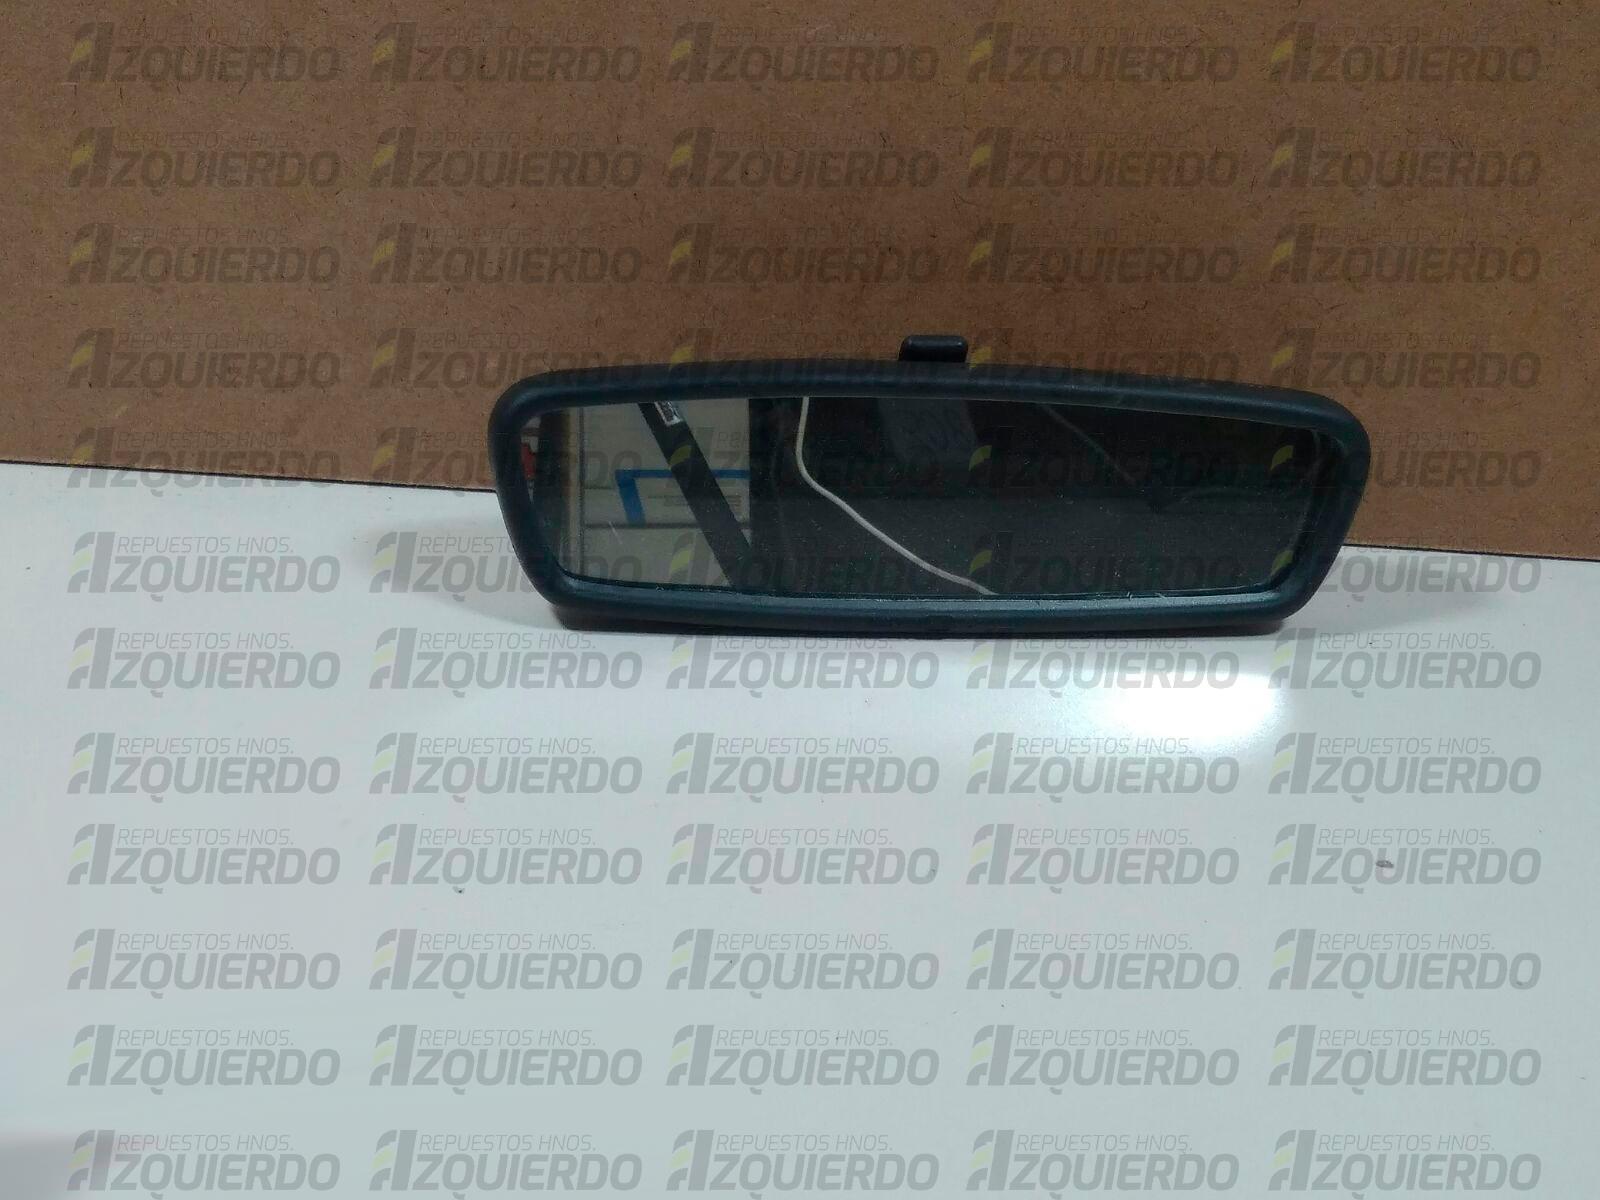 Espejo retrovisor interior renault repuestos hermanos for Espejo retrovisor interior